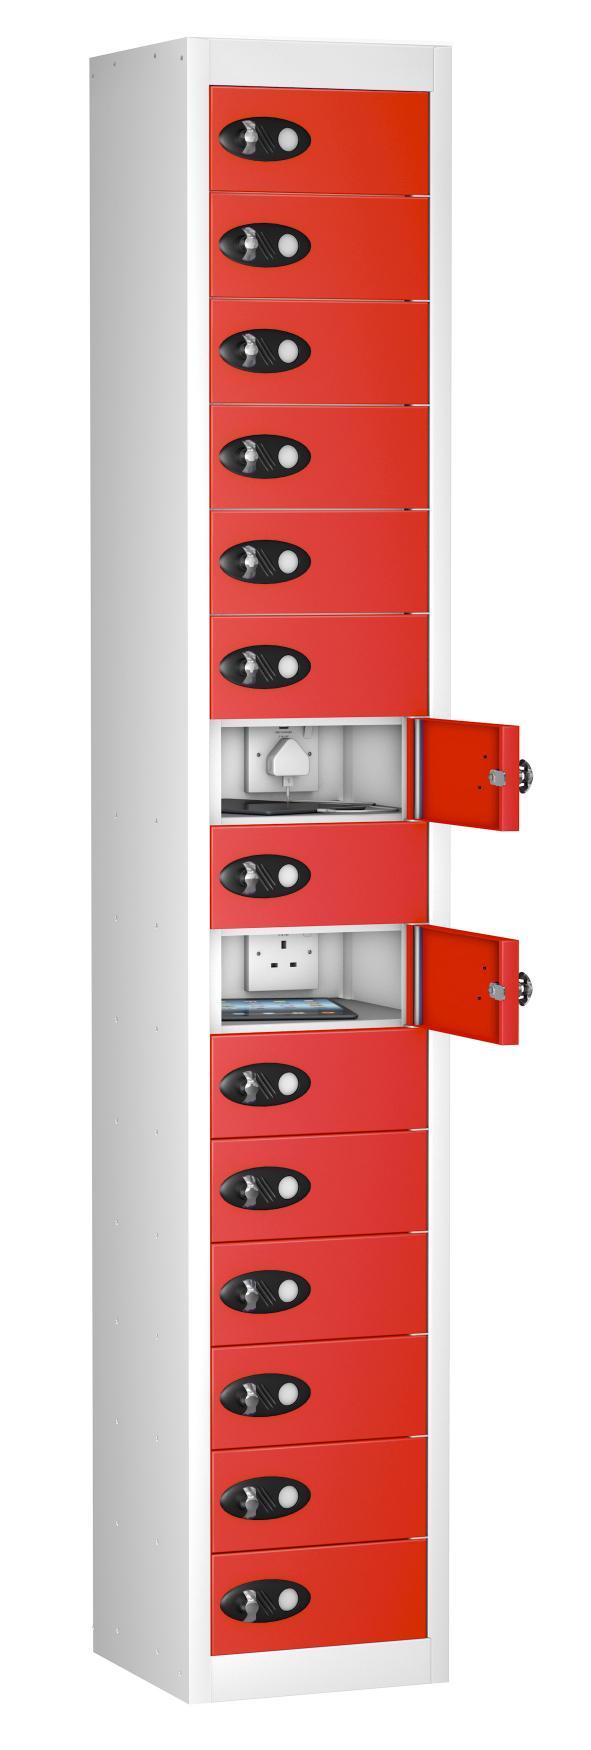 15 Door School TABLET Charging Locker